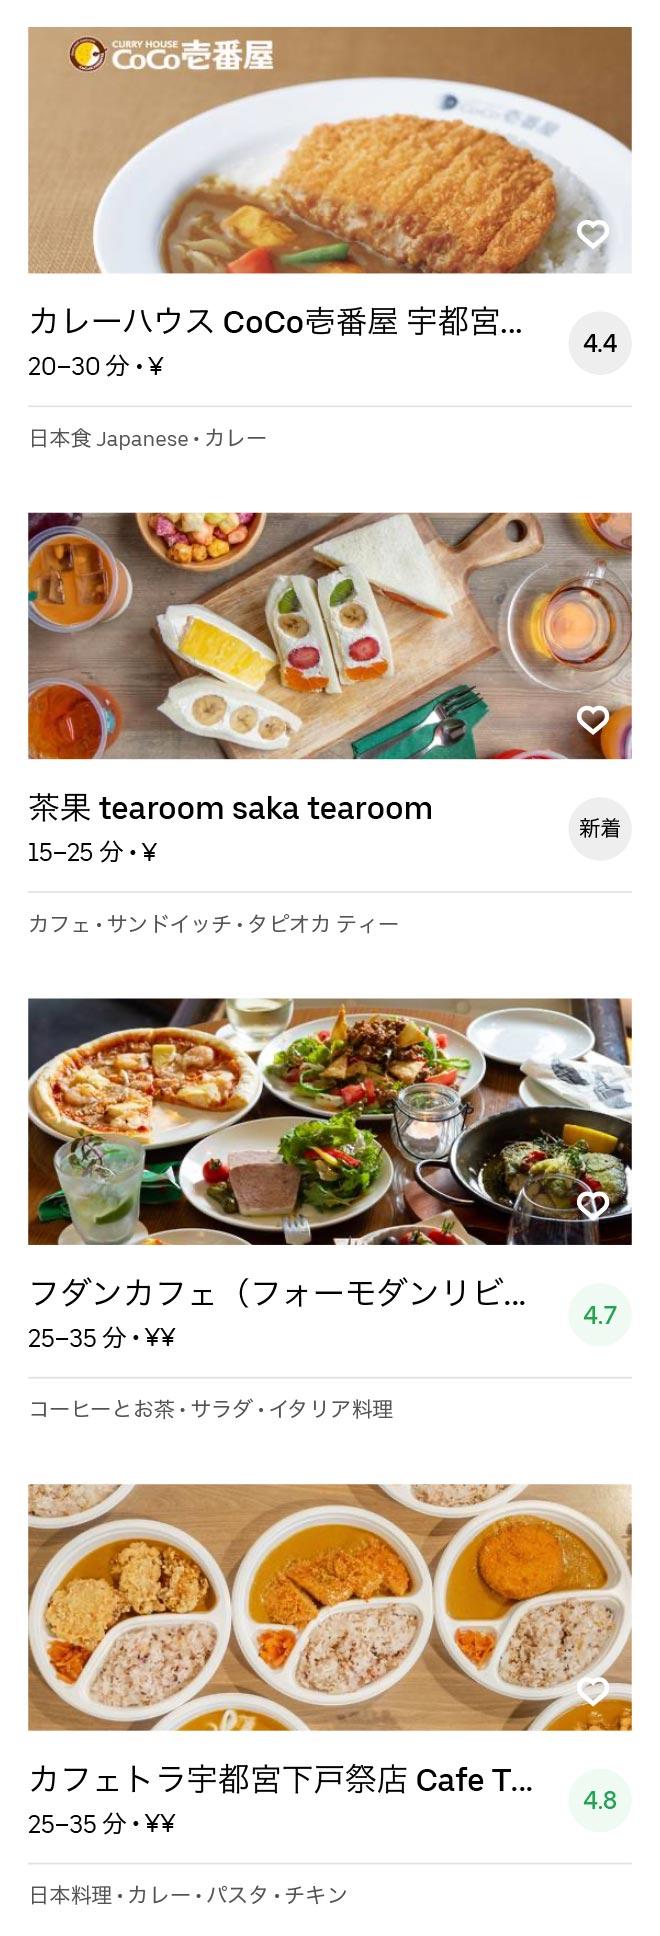 Tobu utsunomiya menu 200606